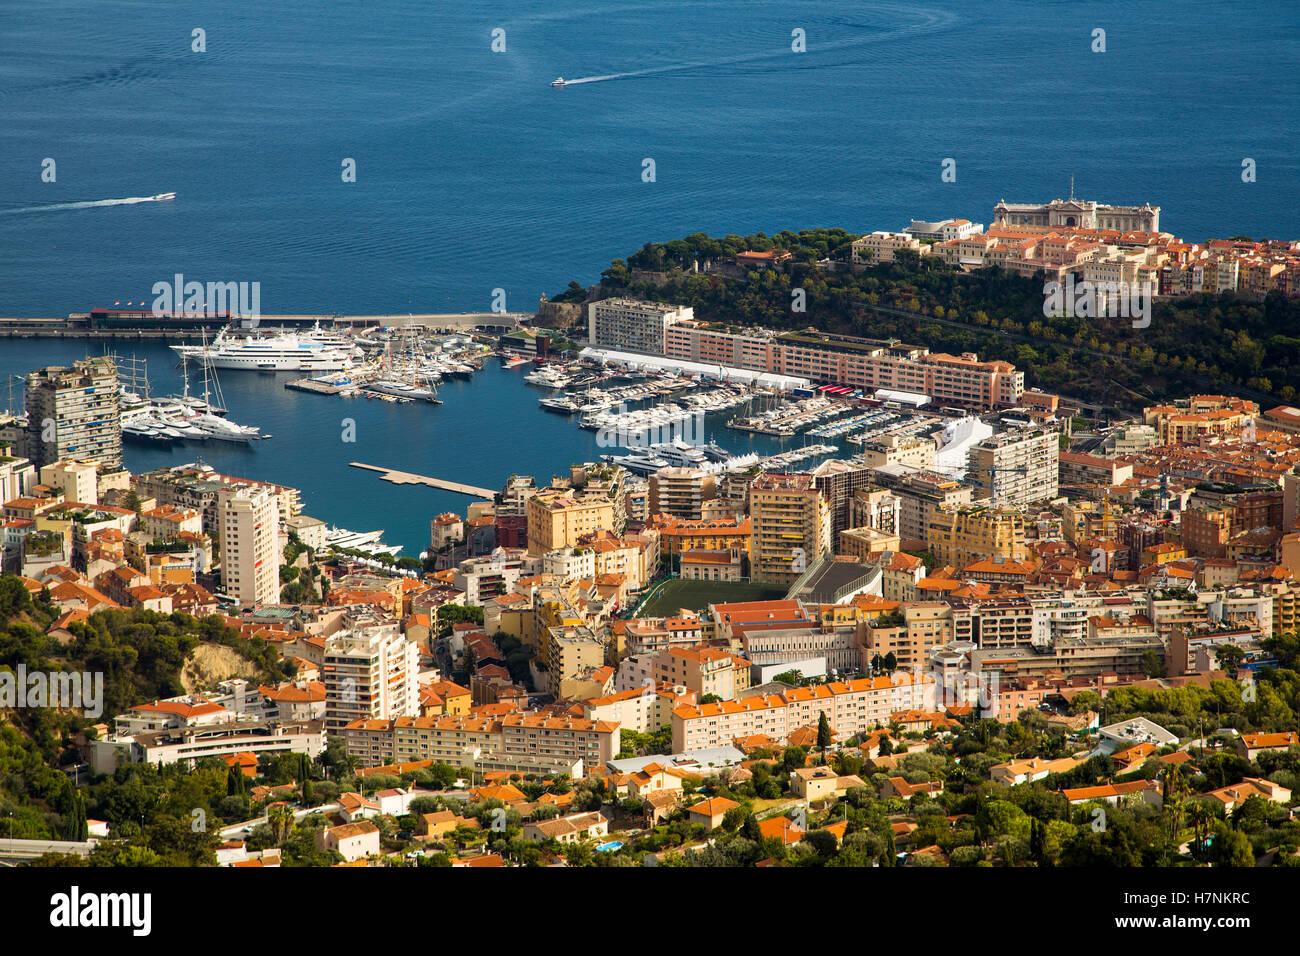 Principality of Monaco. Monte Carlo. French Riviera, Cote d'Azur. Mediterranean Sea, Europe - Stock Image